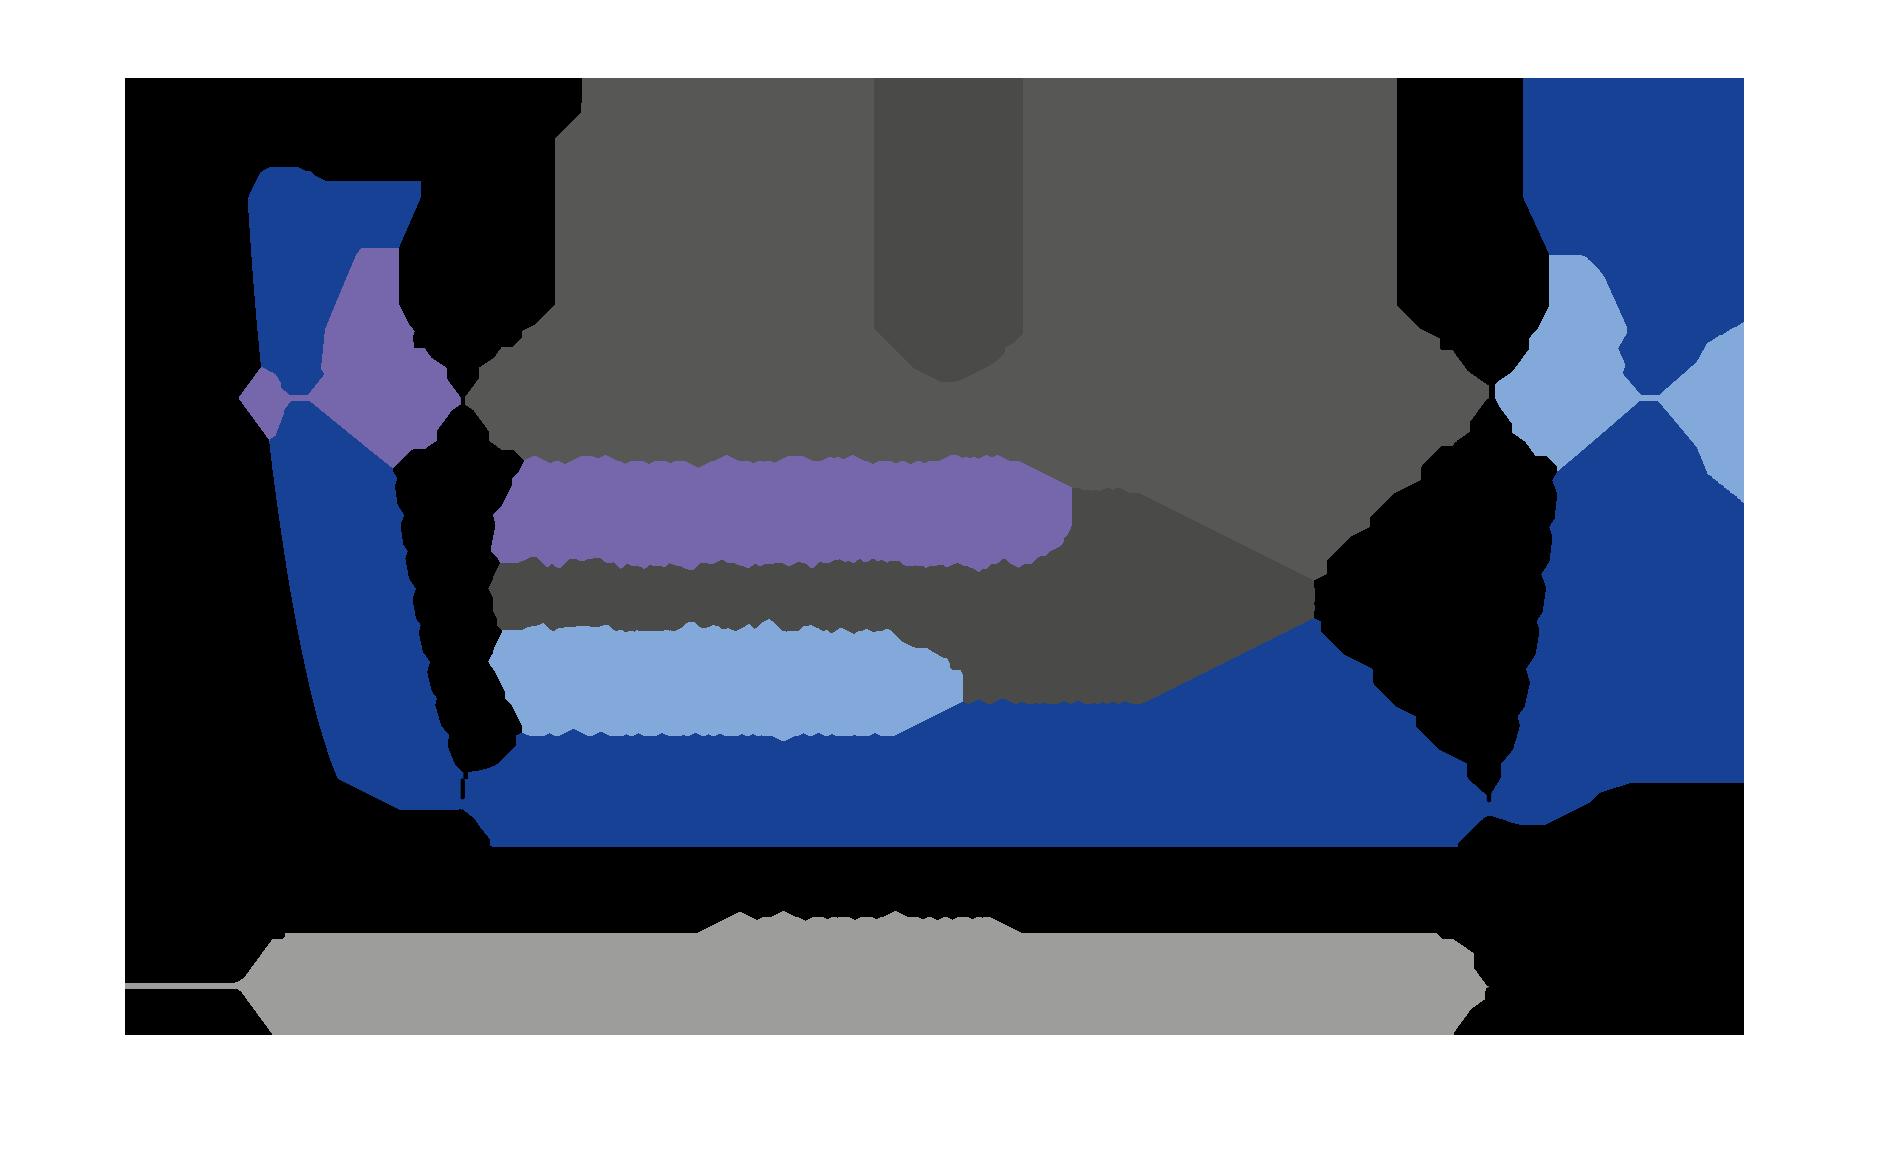 PIANO-Netzteile mit Basisfunktionalität zeichnen sich durch eine sehr hohe MTBF aus.